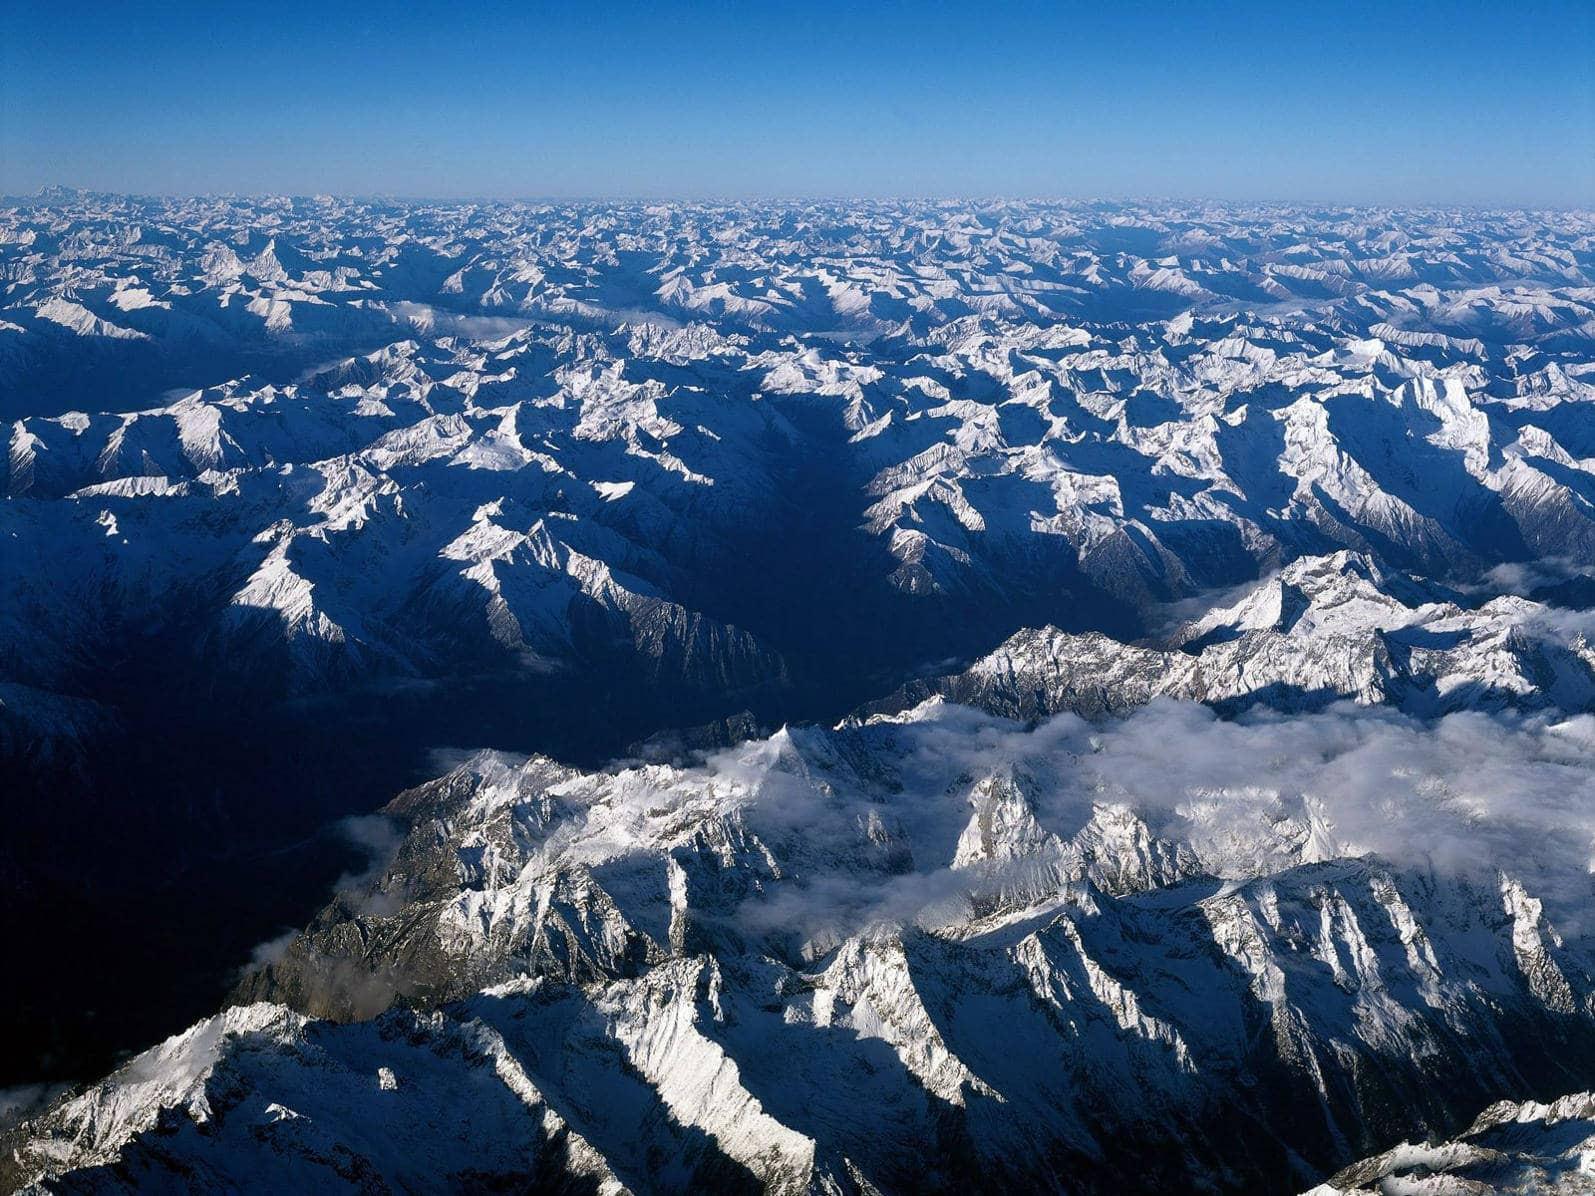 Как образуются горы Простые ответы на сложные вопросы  Гималаи складчатые горы